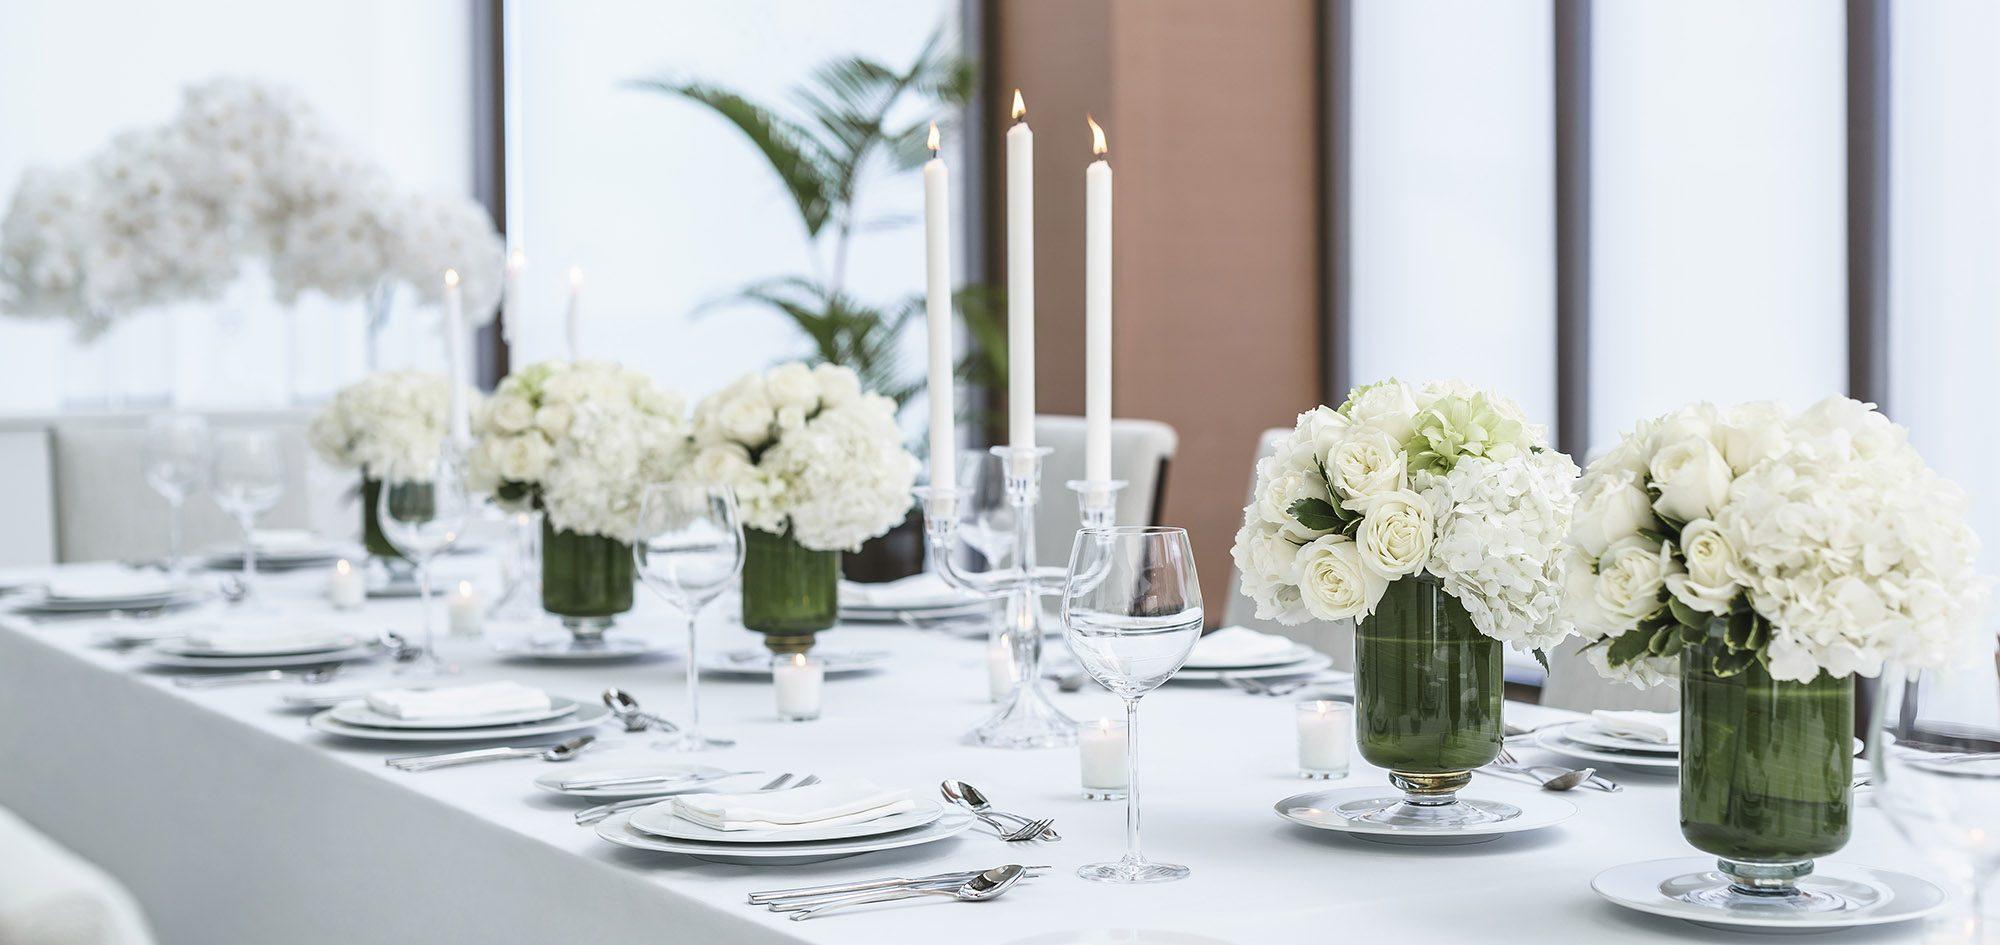 dusit thani guam resort Salon 2 wedding